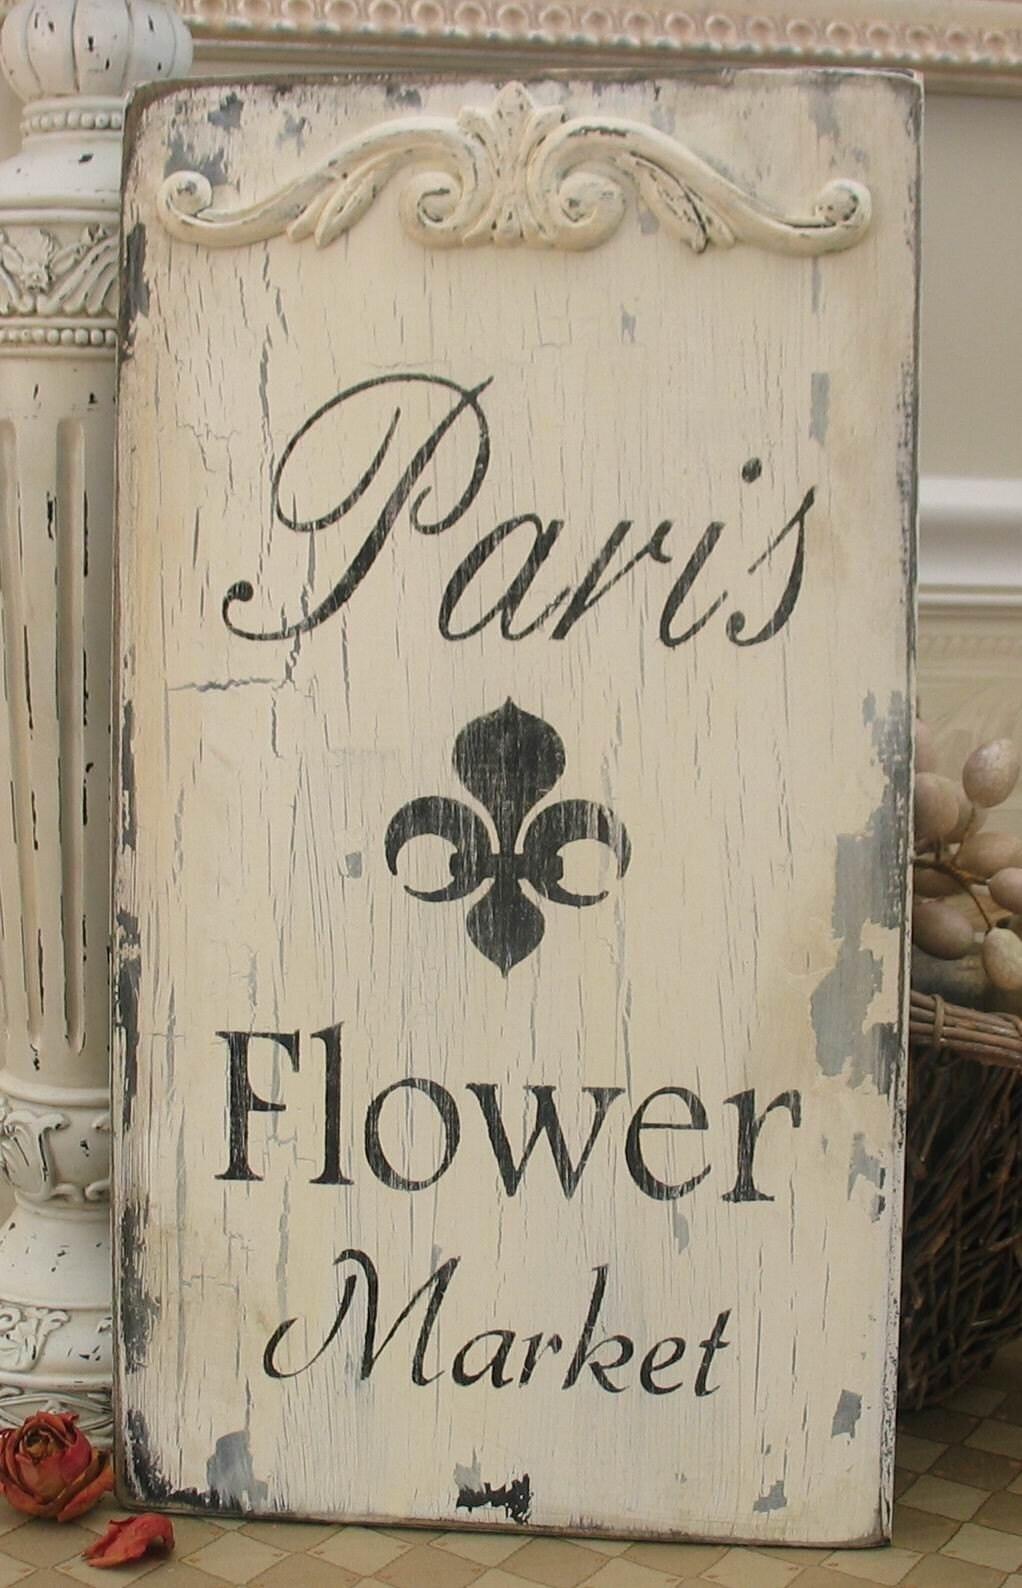 Paris flower market french market sign paris apartment for Sign decoration